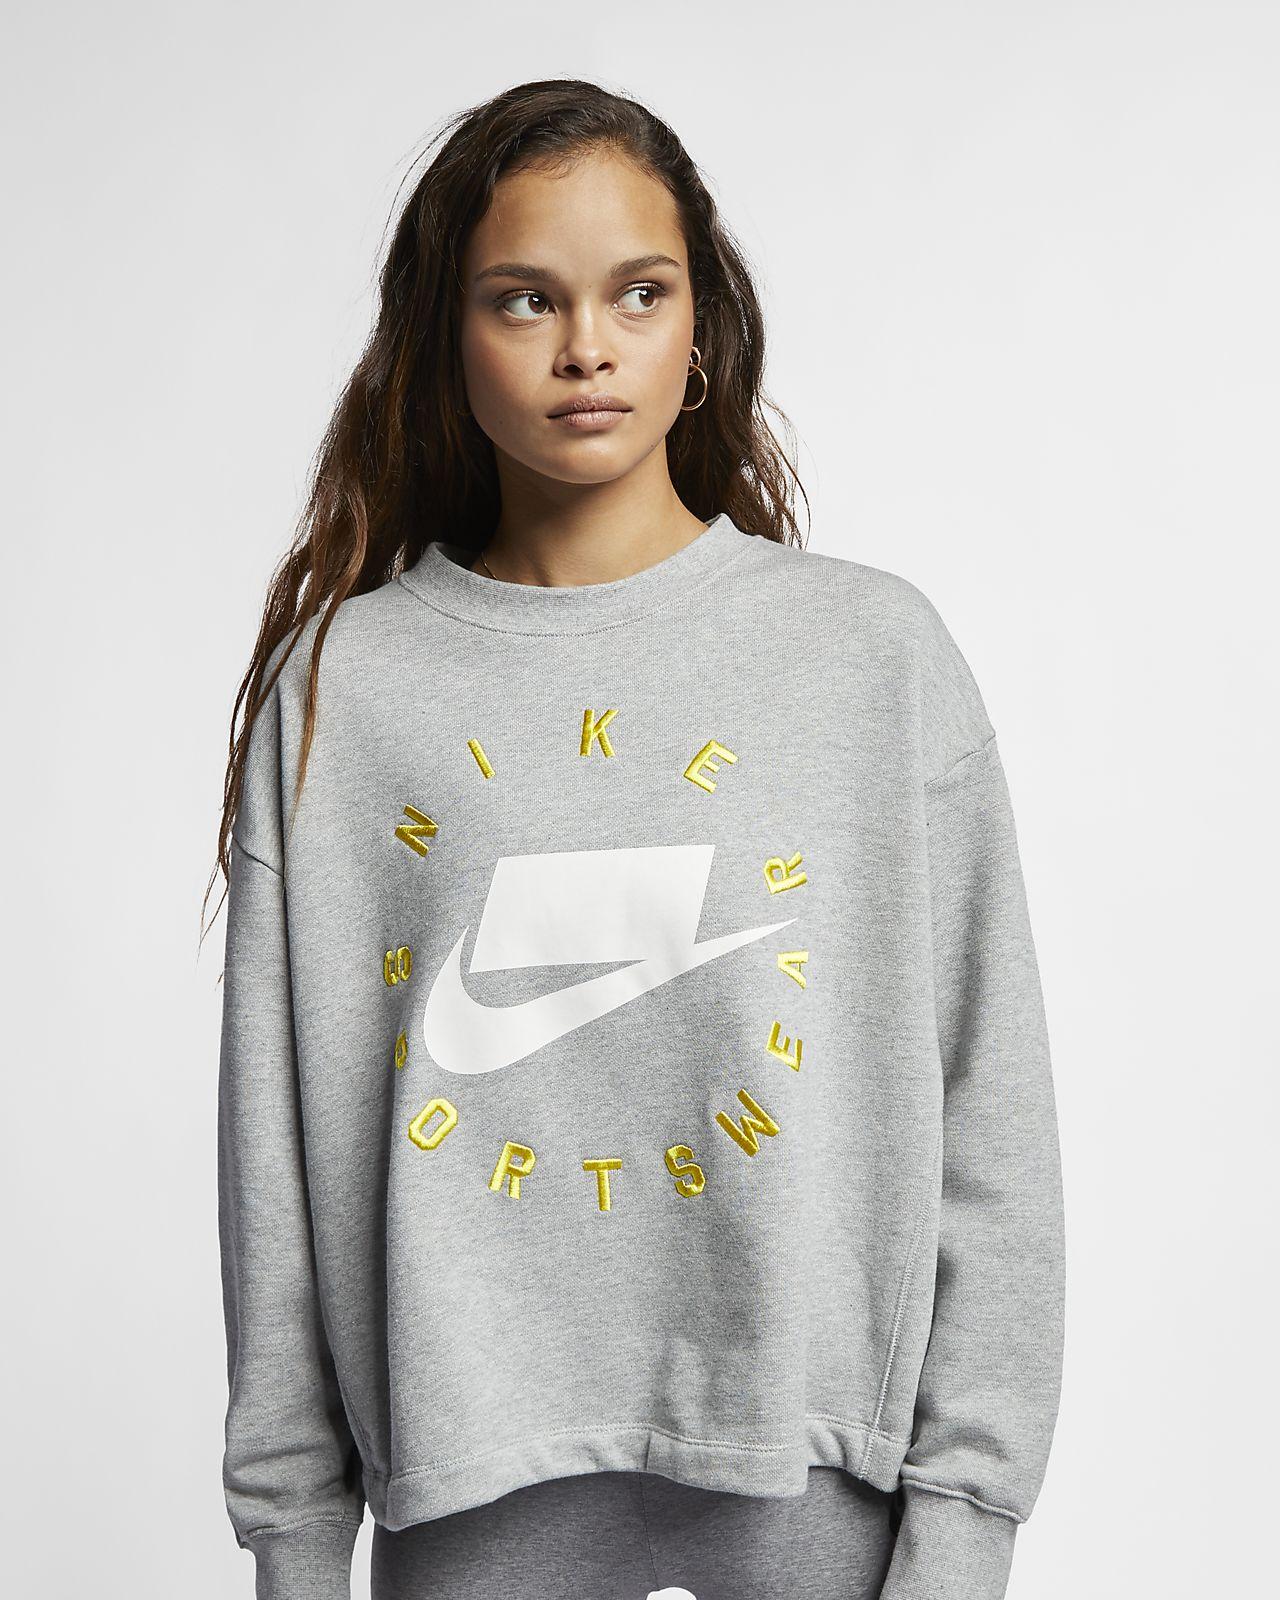 644c2c992ec6f9 Nike Sportswear NSW Women s French Terry Crew. Nike.com